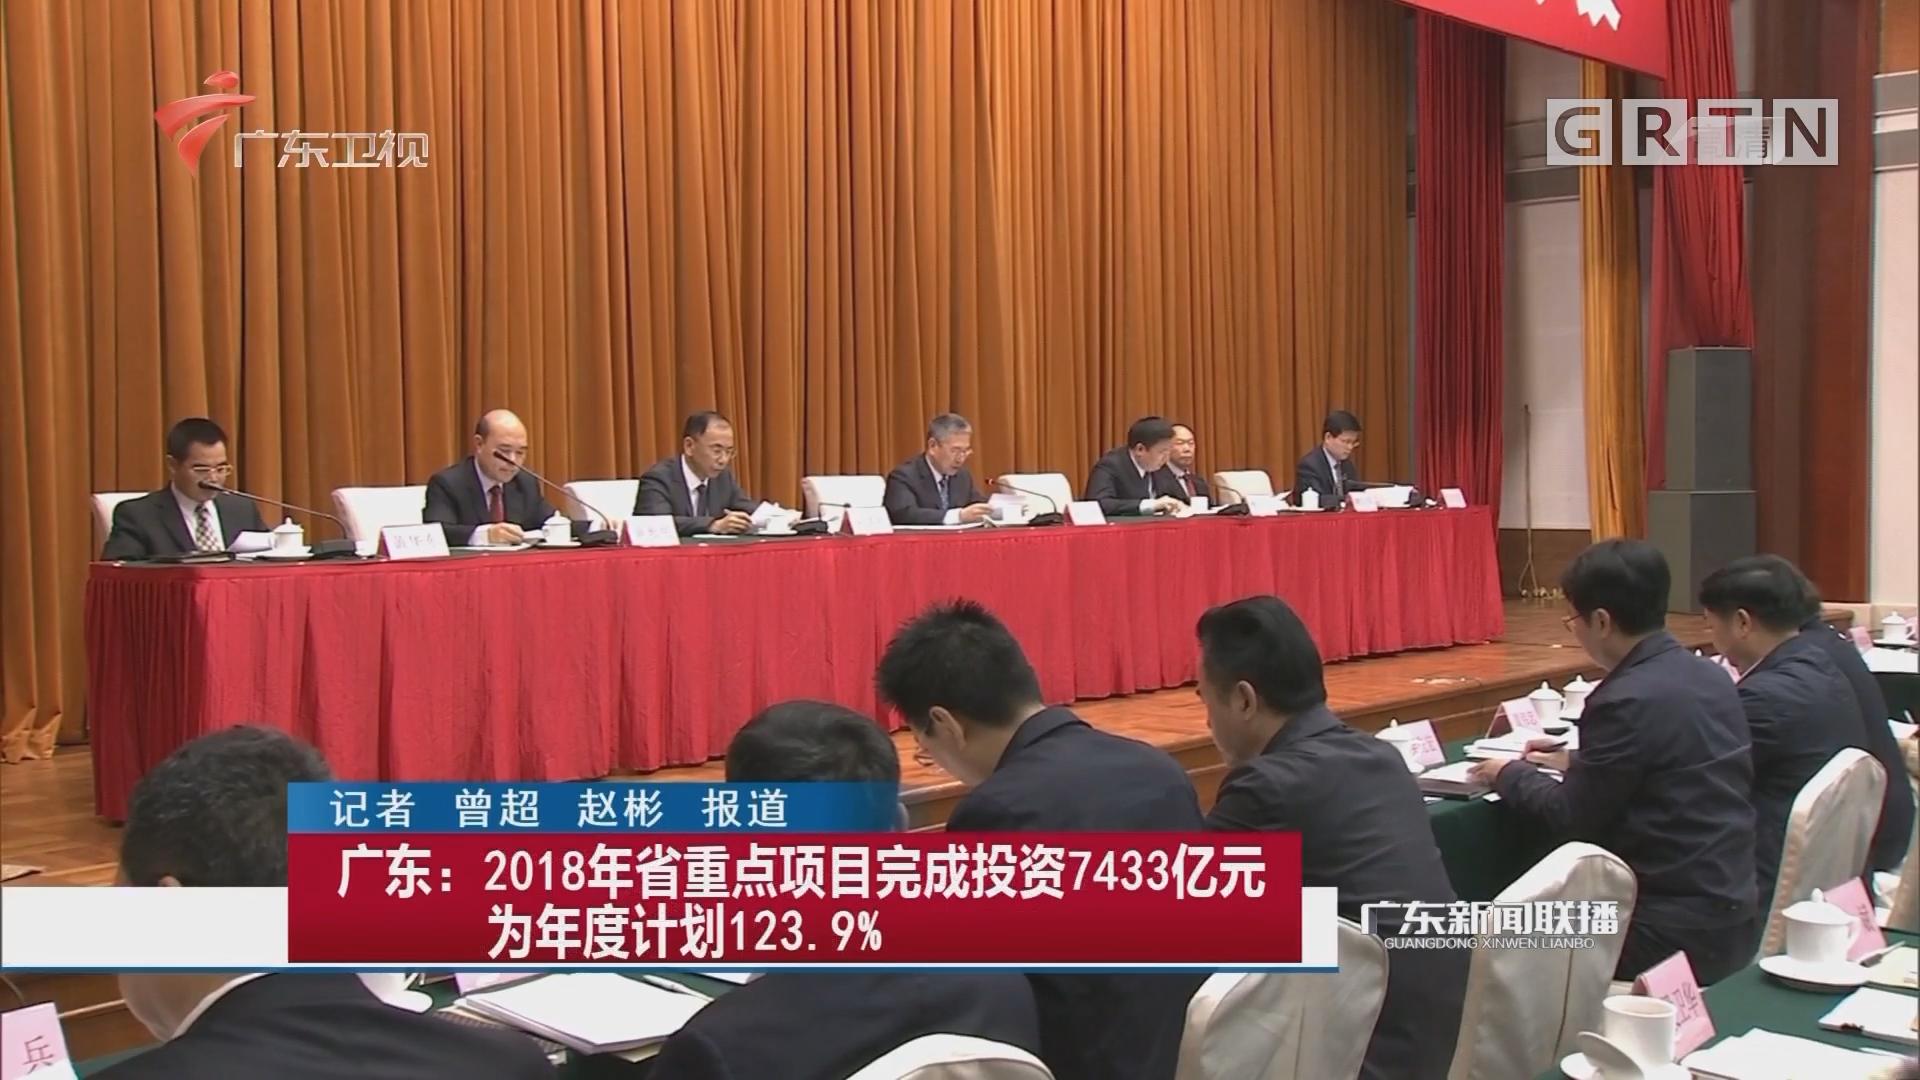 广东:2018年省重点项目完成投资7433亿元 为年度计划123.9%